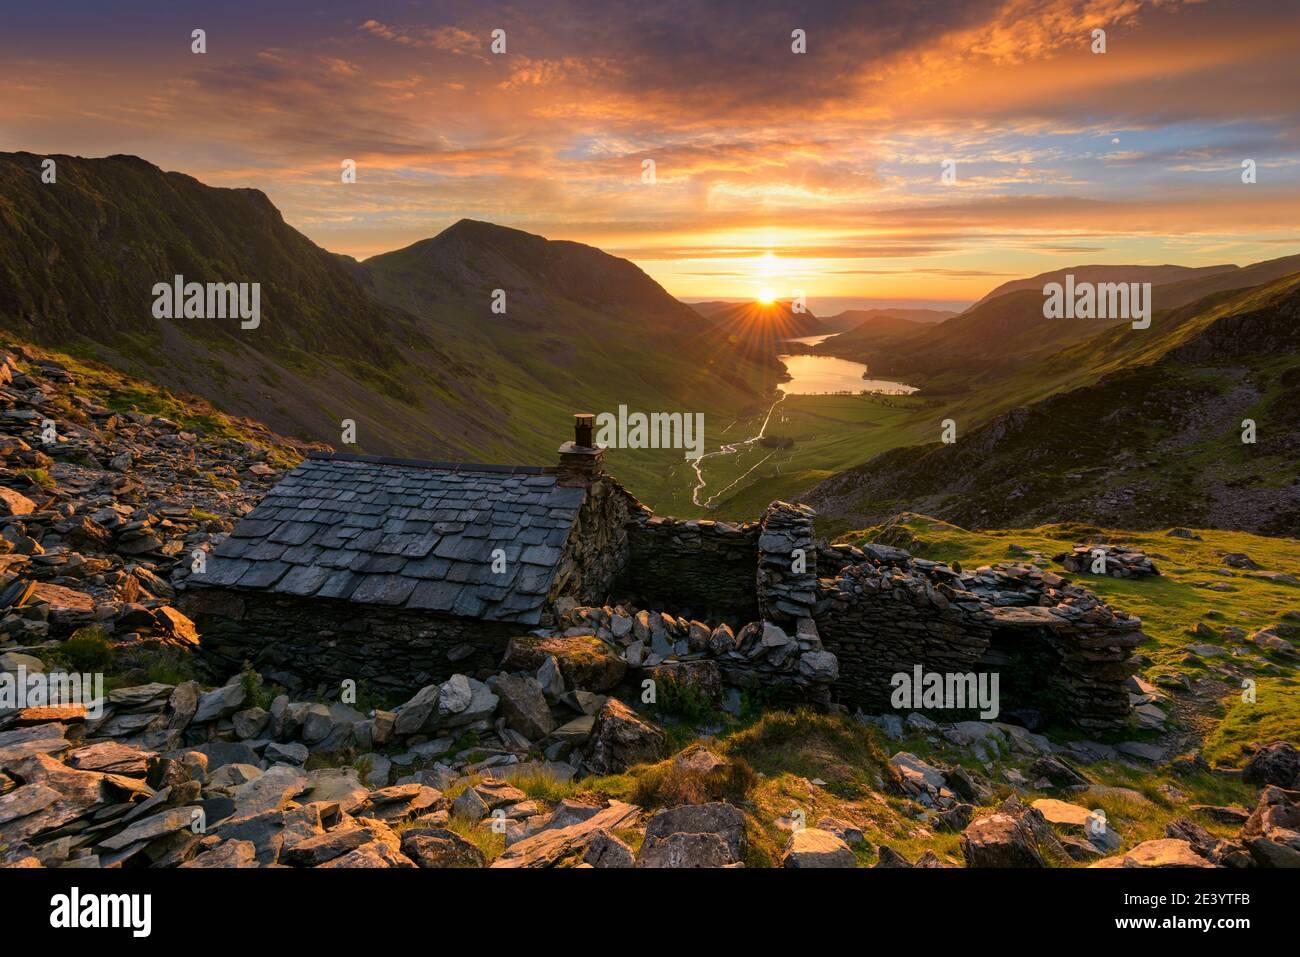 Ancien refuge de montagne Warnscale Bothy avec beau coucher de soleil sur Buttermere dans le Lake District, Royaume-Uni. Banque D'Images